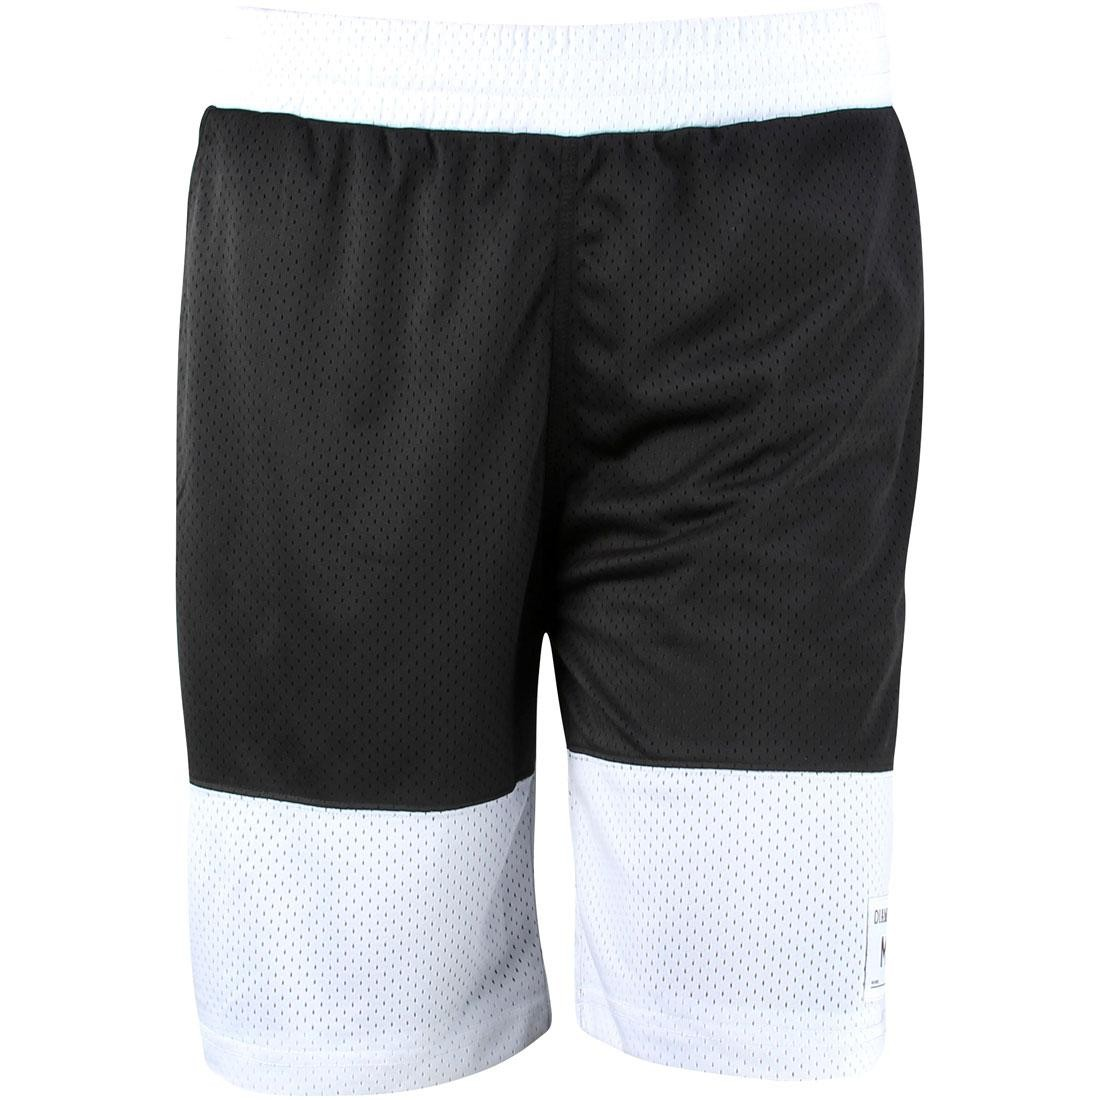 ダイヤモンドサプライ DIAMOND SUPPLY CO ダイヤモンド バスケットボール ショーツ ハーフパンツ メンズファッション ズボン パンツ メンズ 【 Men Diamond Arch Basketball Shorts (black) 】 Black